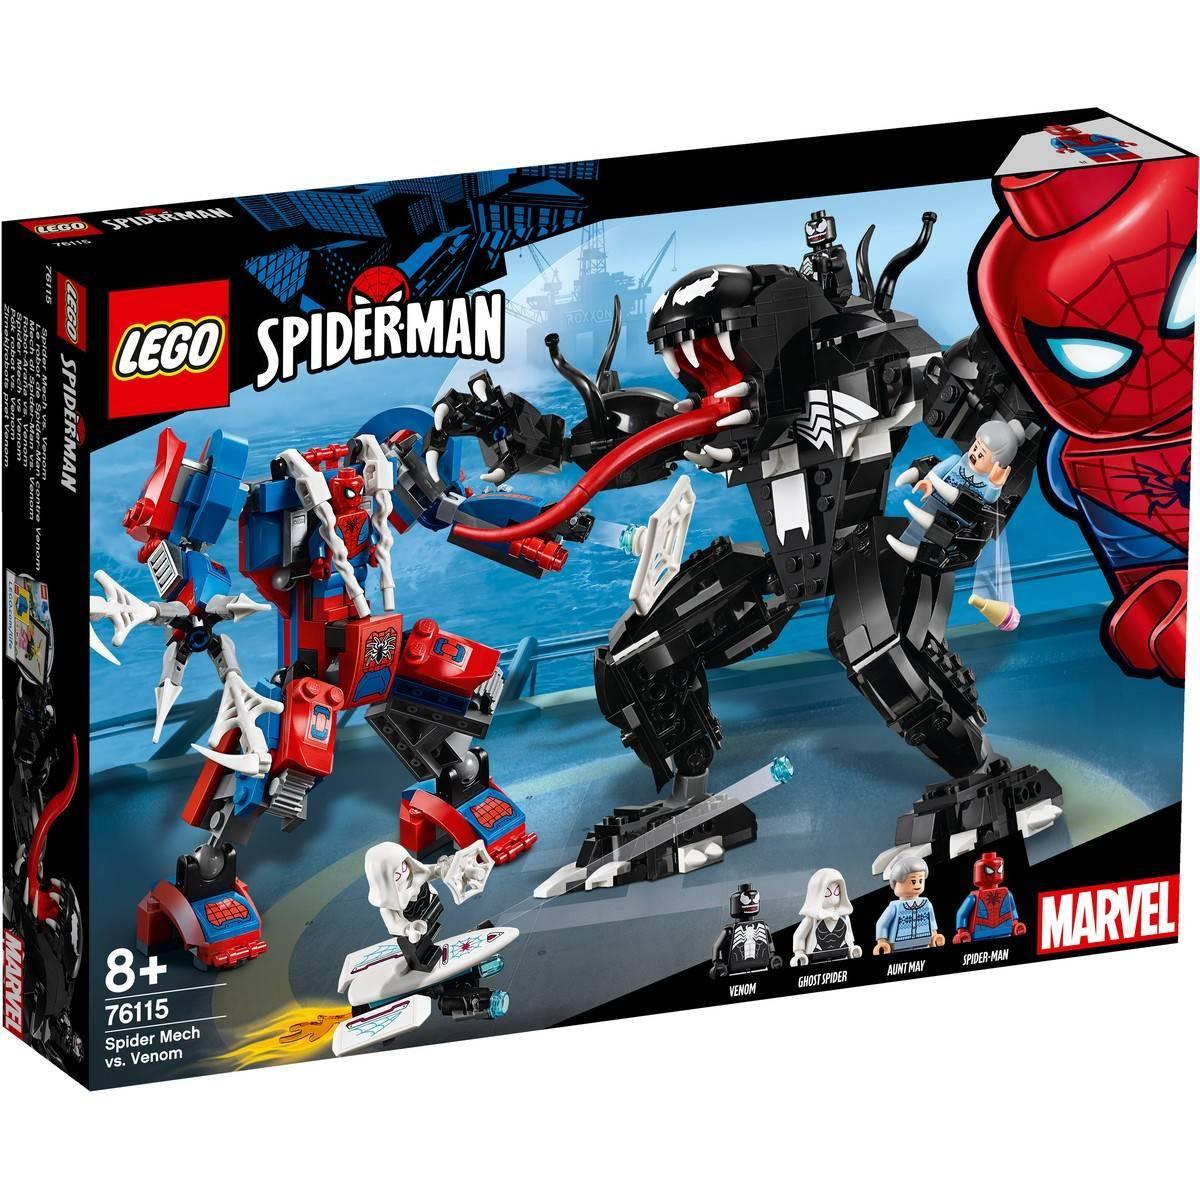 LEGO SPIDER MECH VS. VENOM